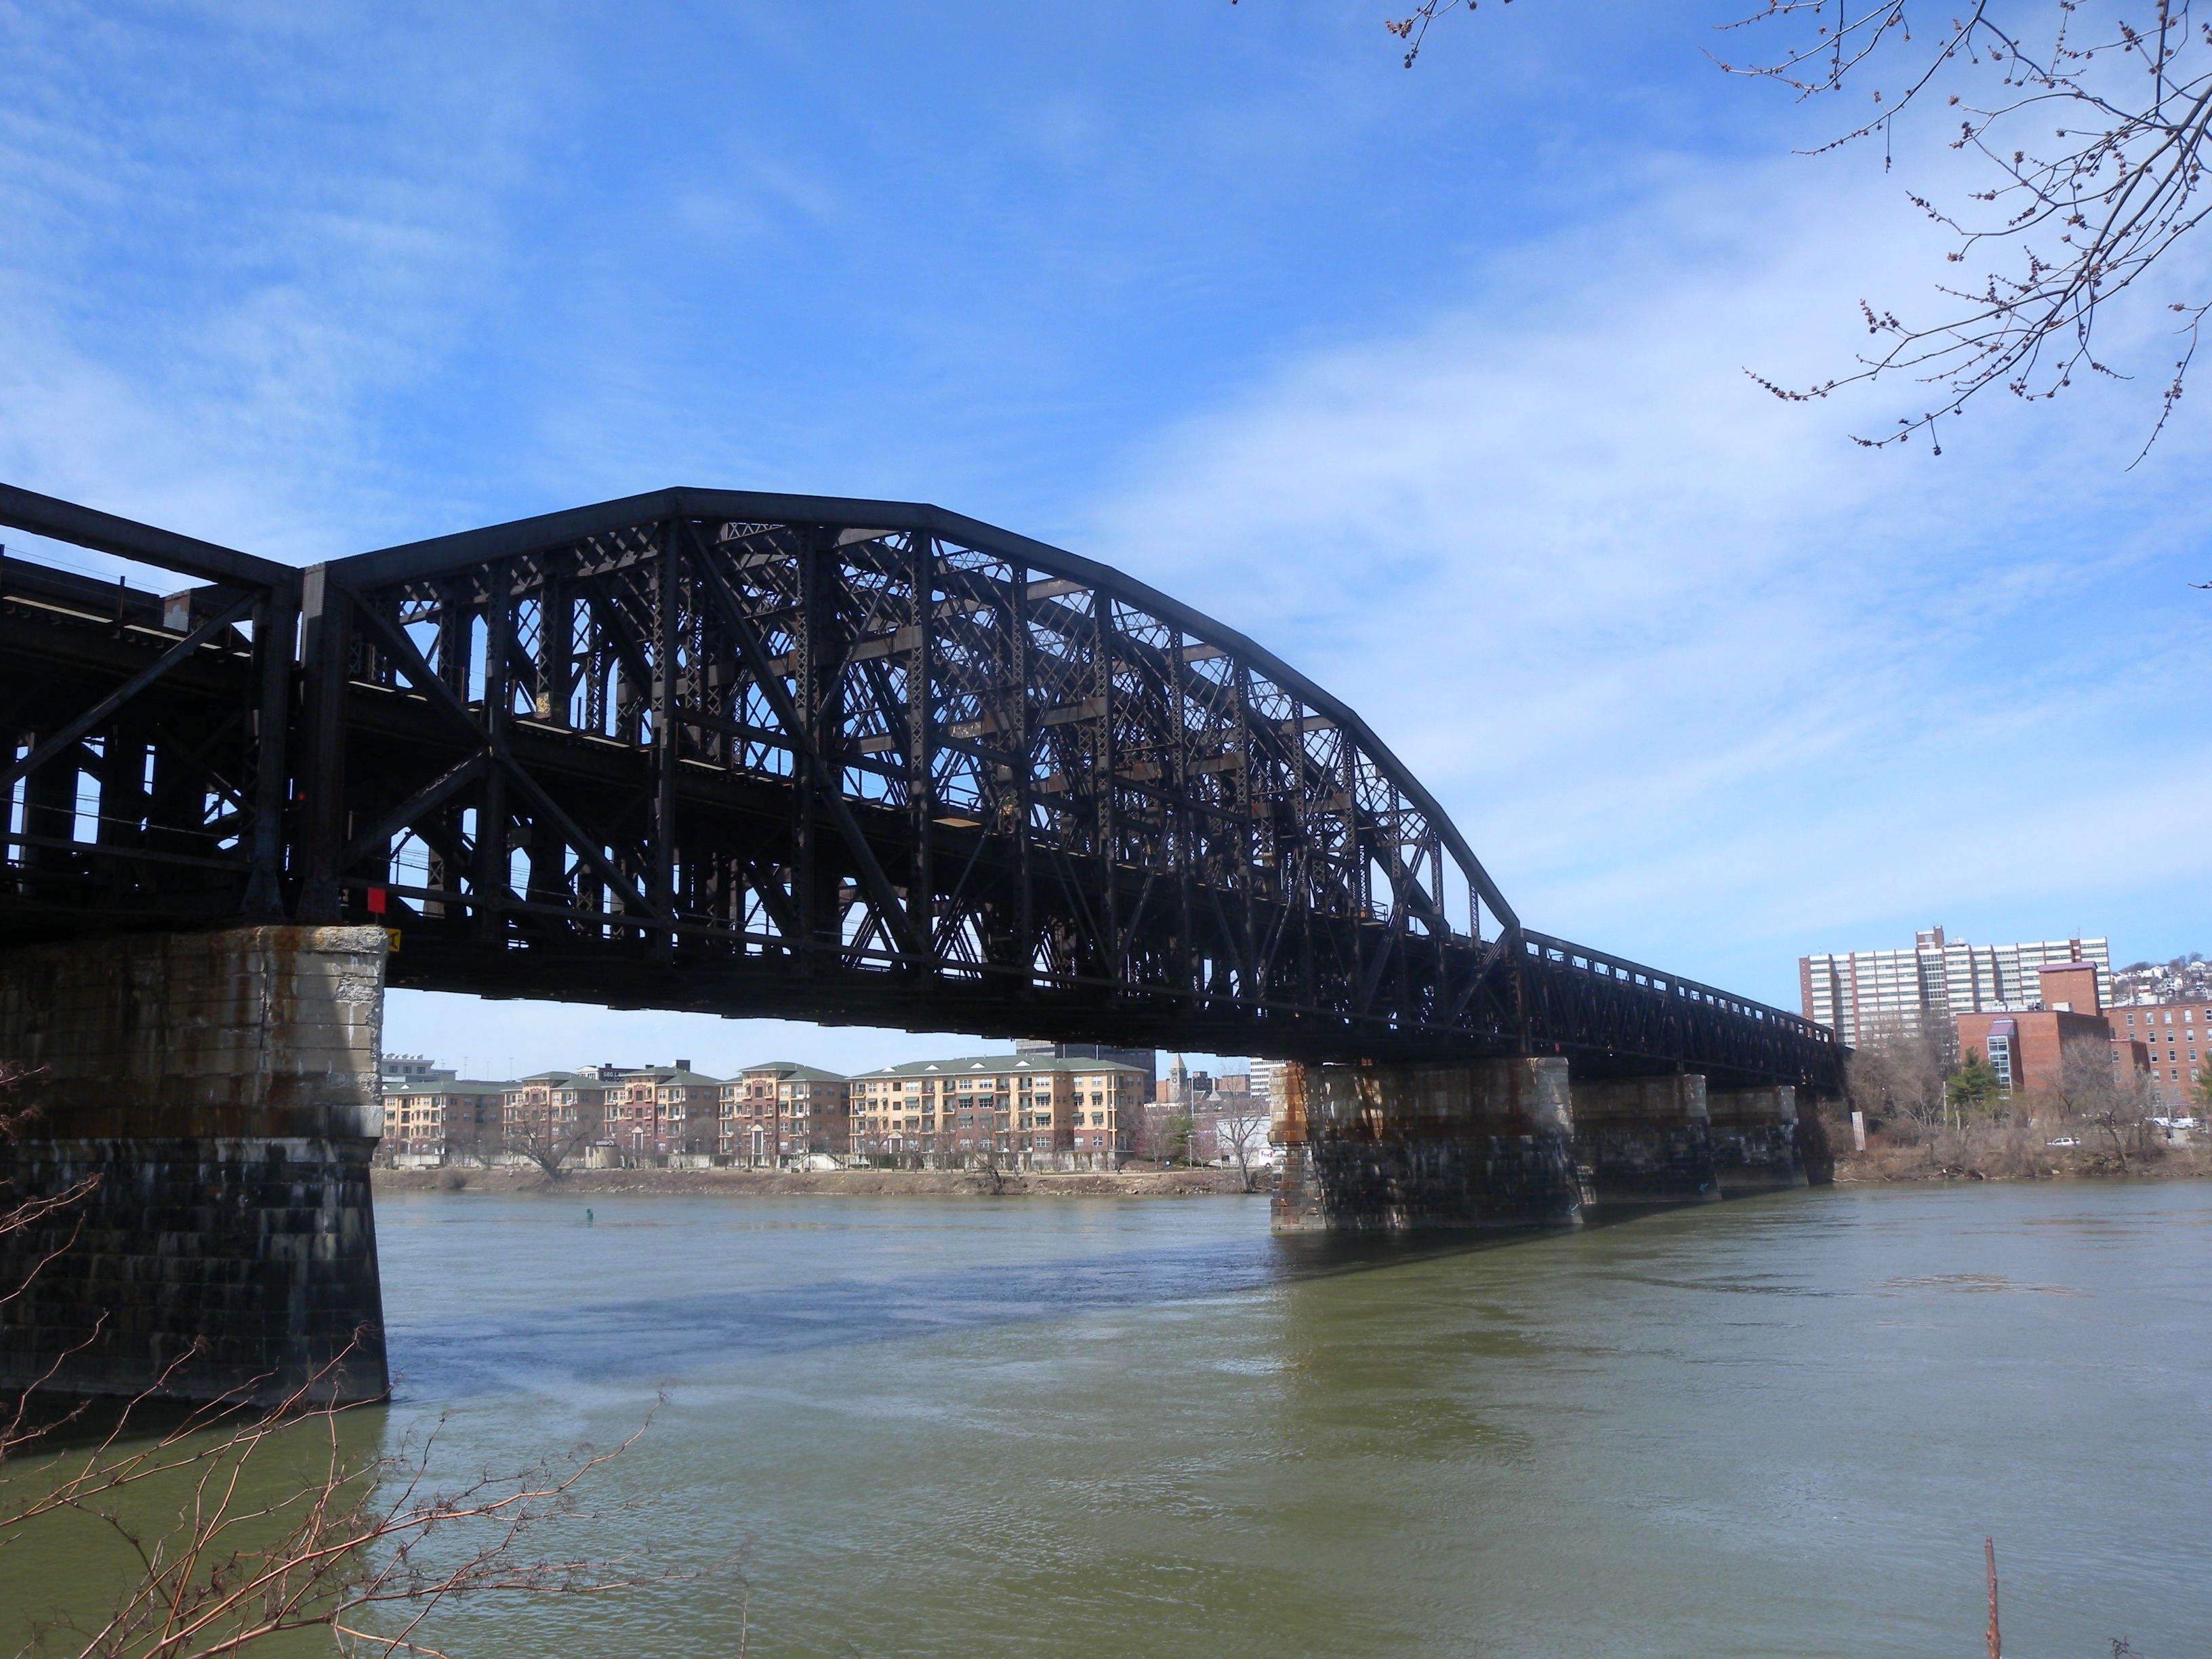 Fort Wayne Railroad Bridge [3264 × 2448]